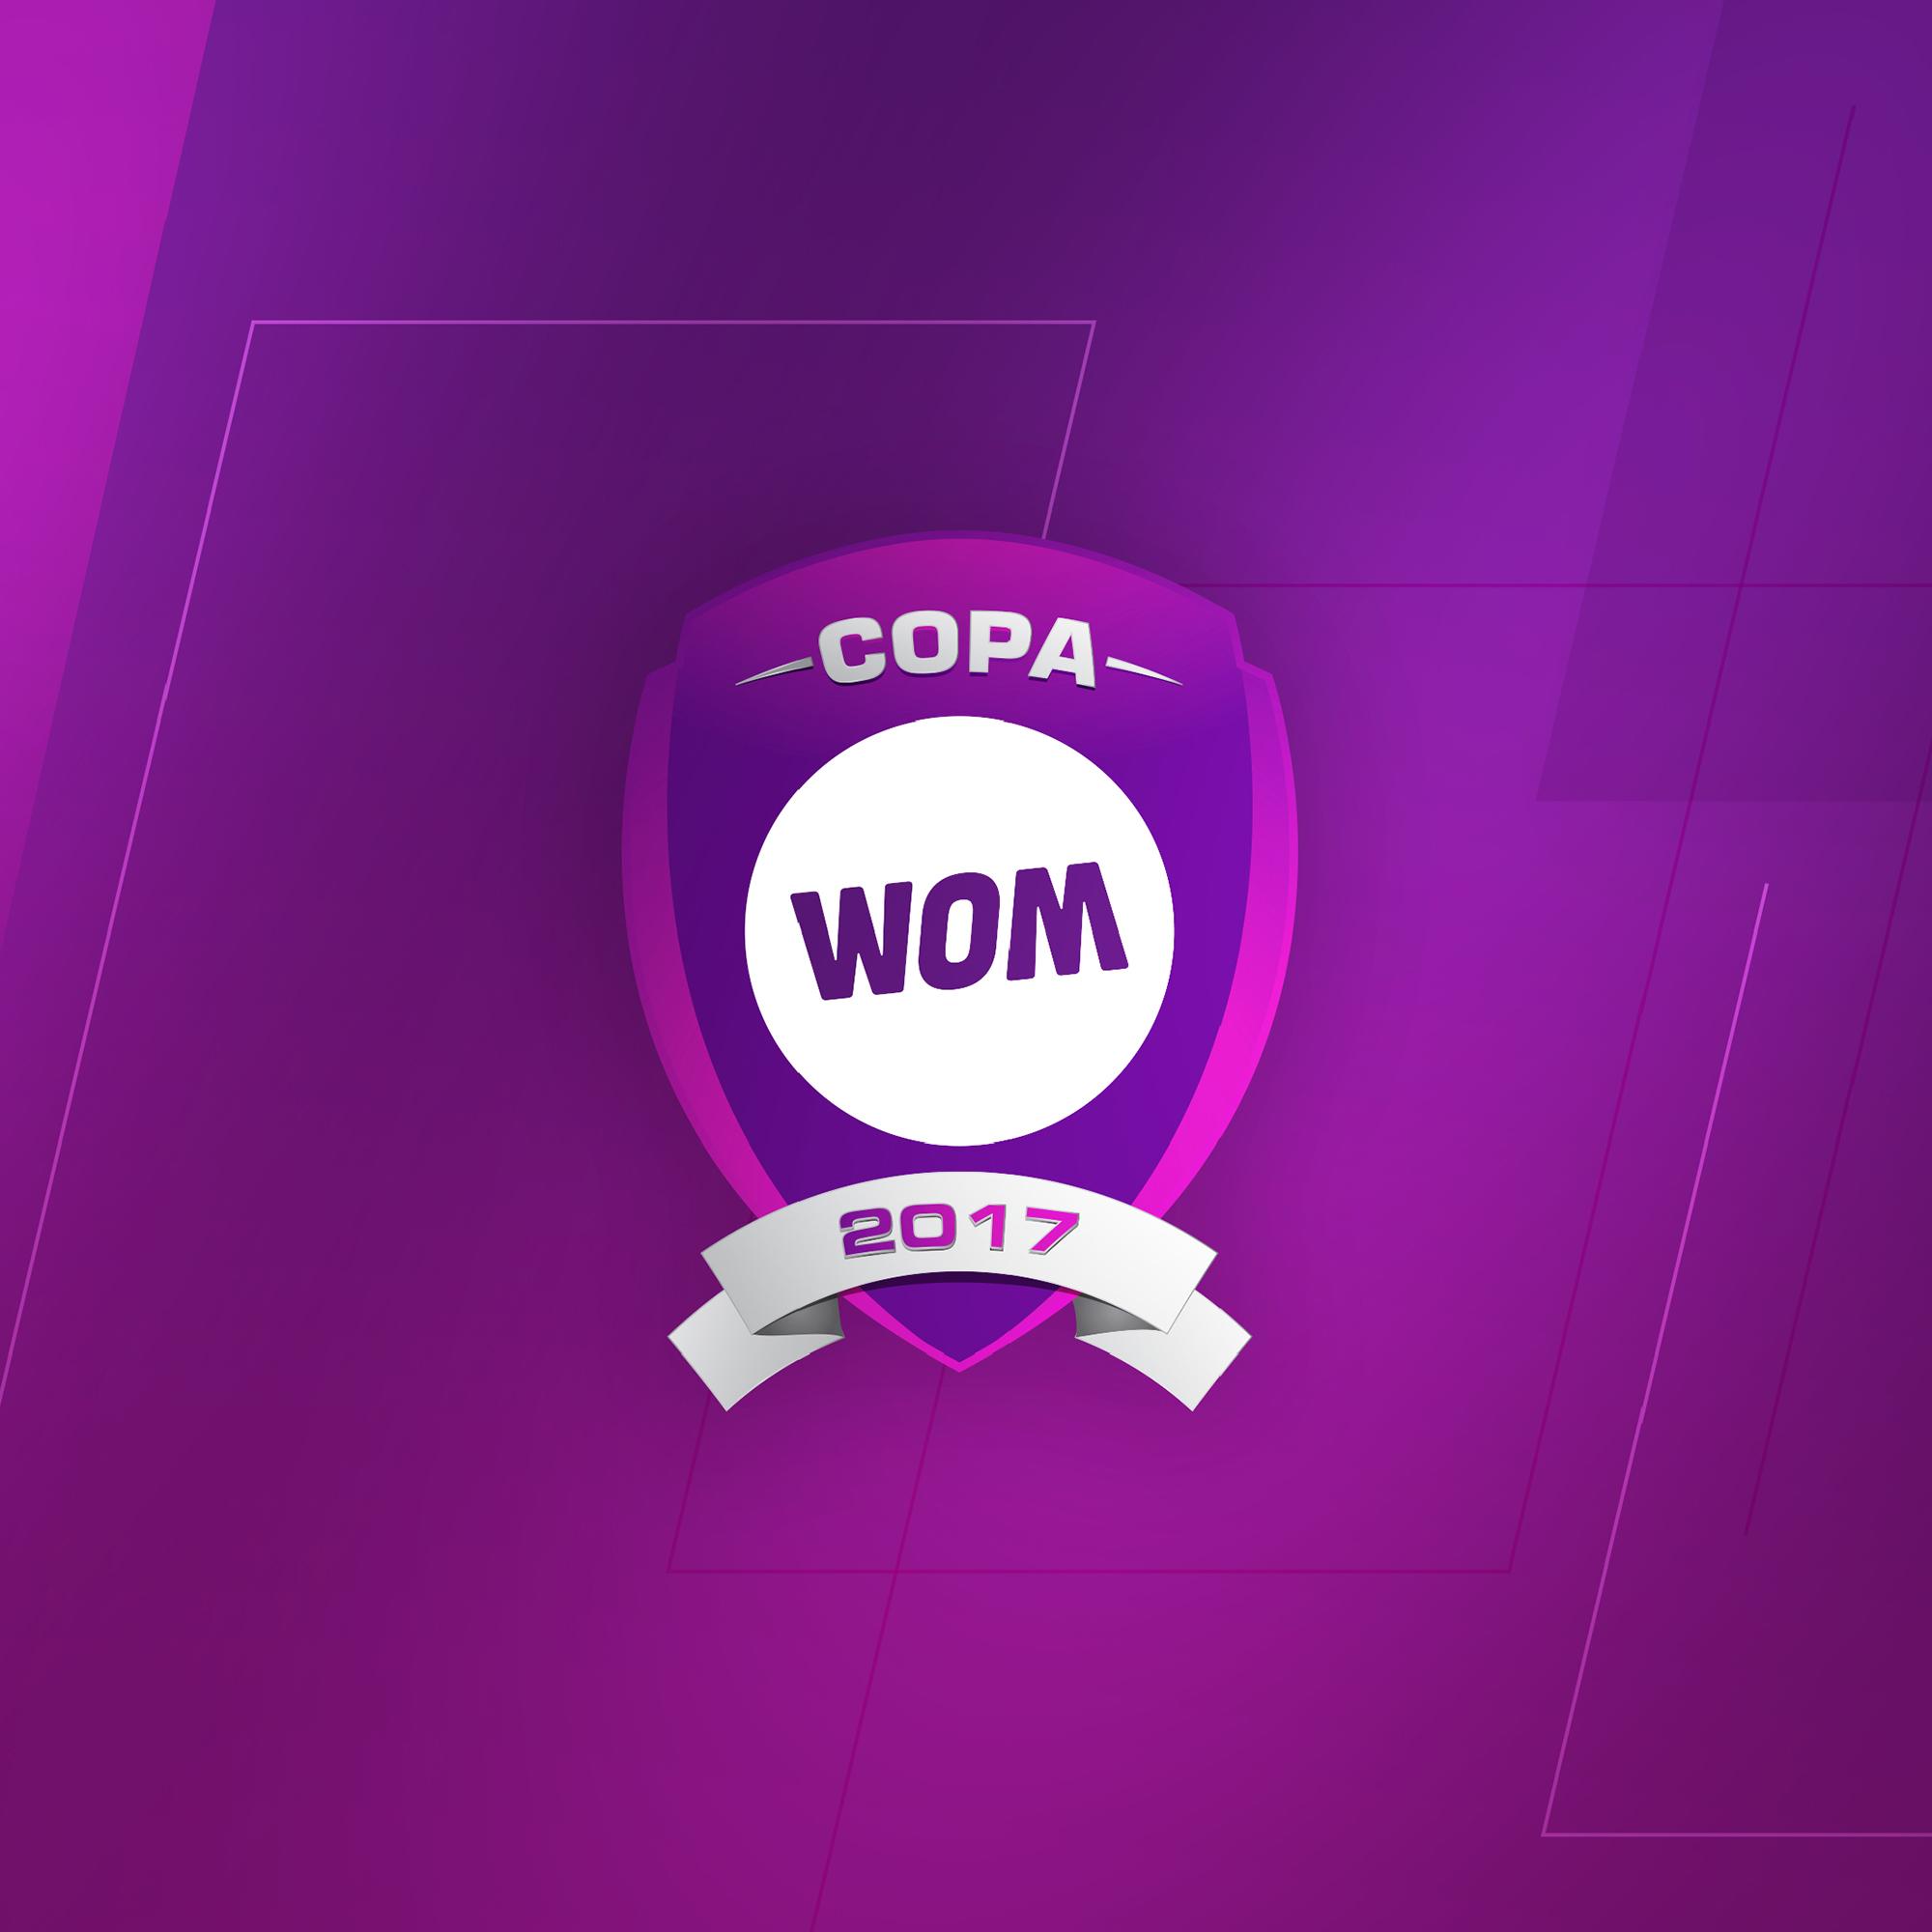 Copa WOM Chile 2017